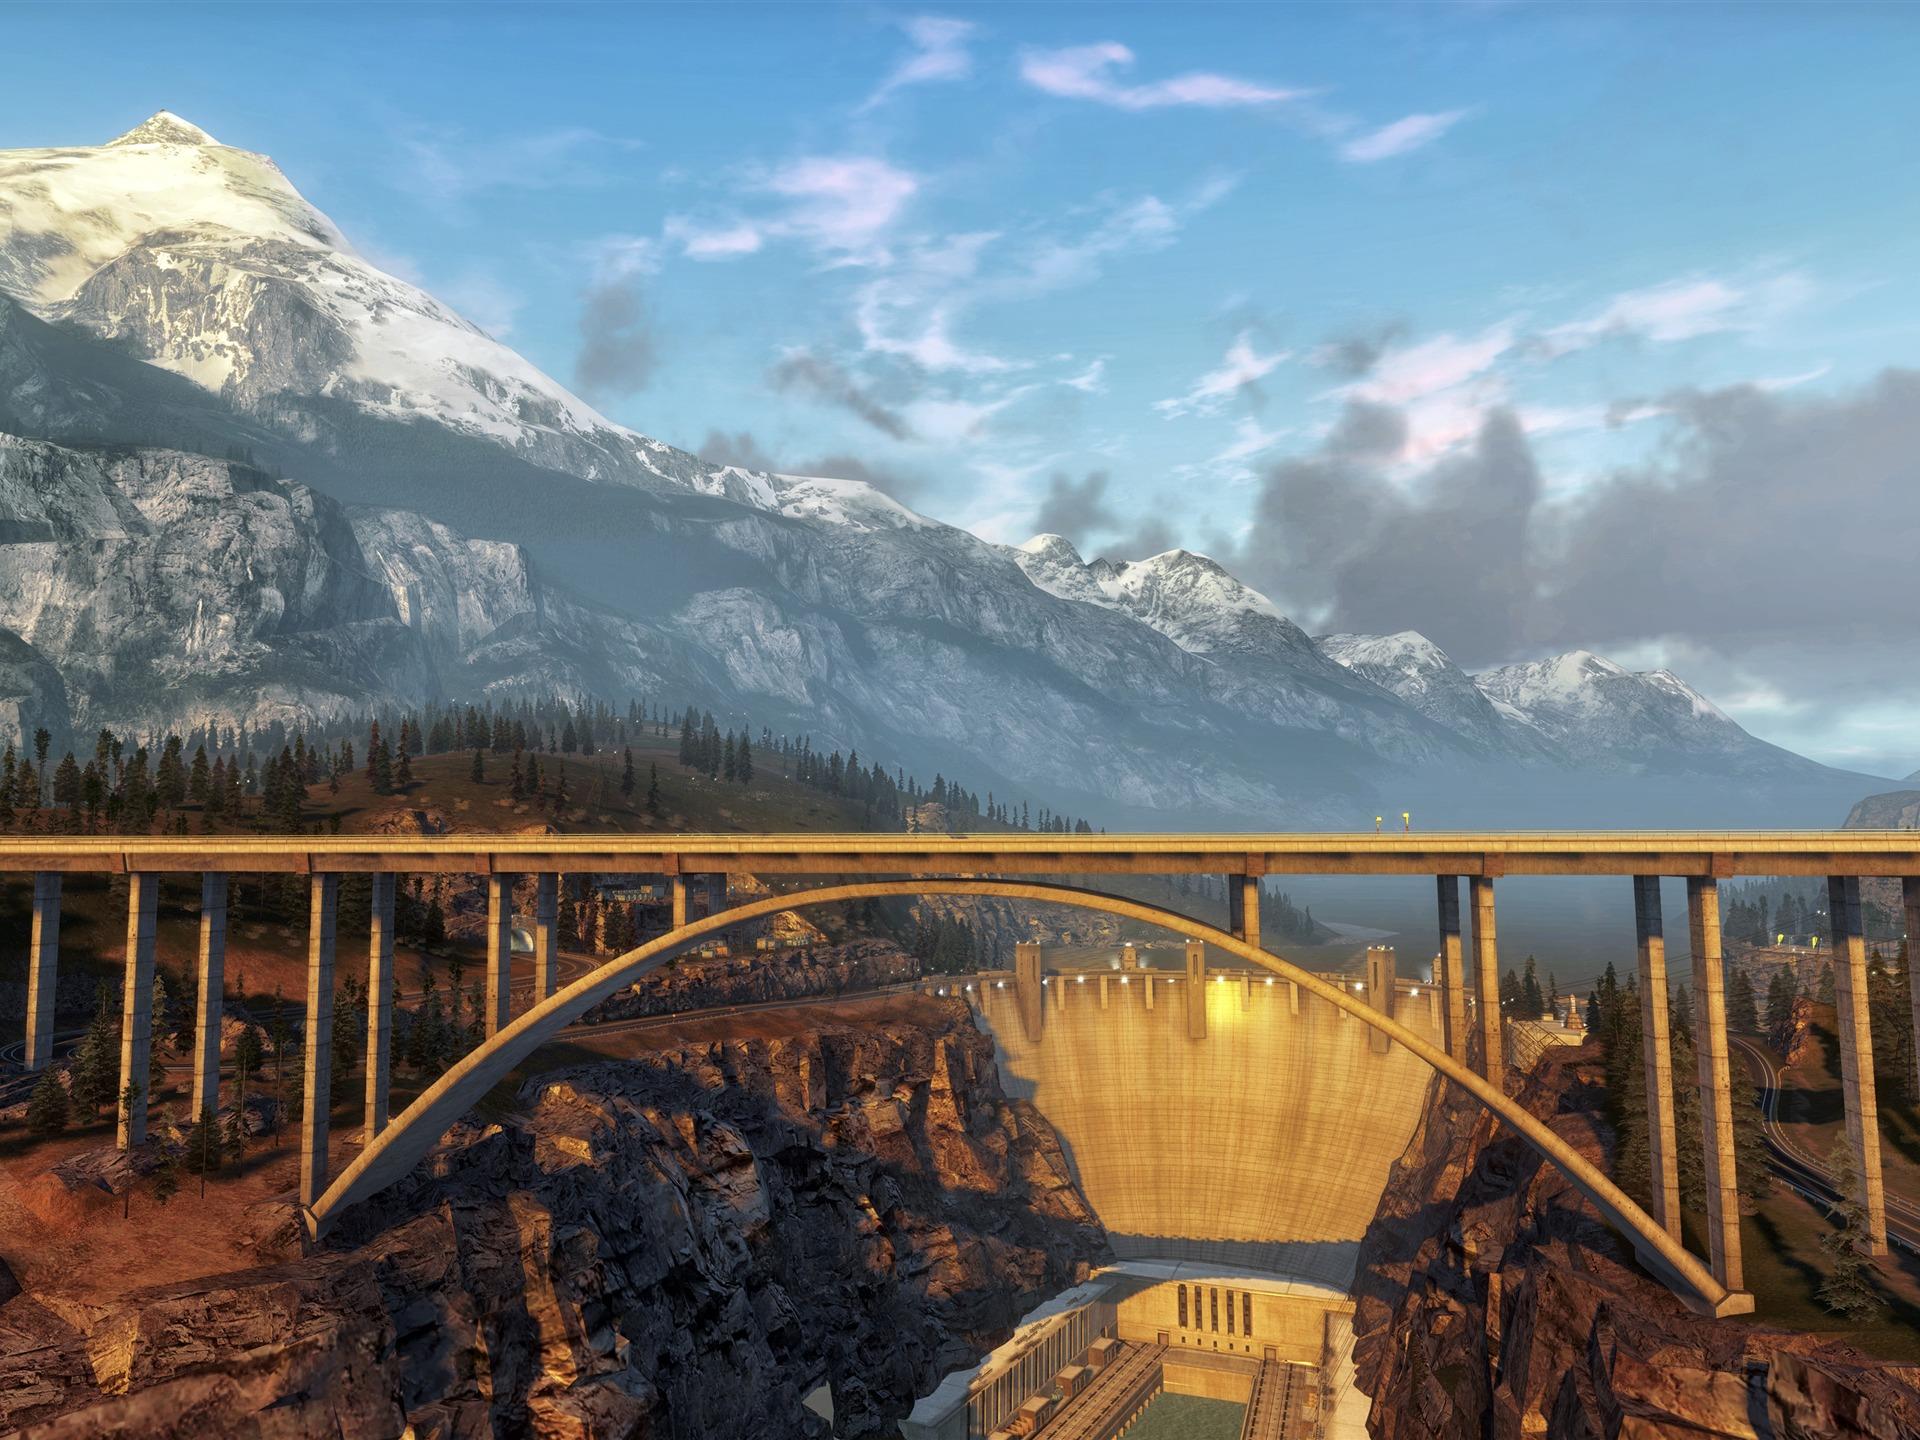 壮観、渓谷、ダム、橋、夕焼け、4K、超HD、写真プレビュー | 10wallpaper.com